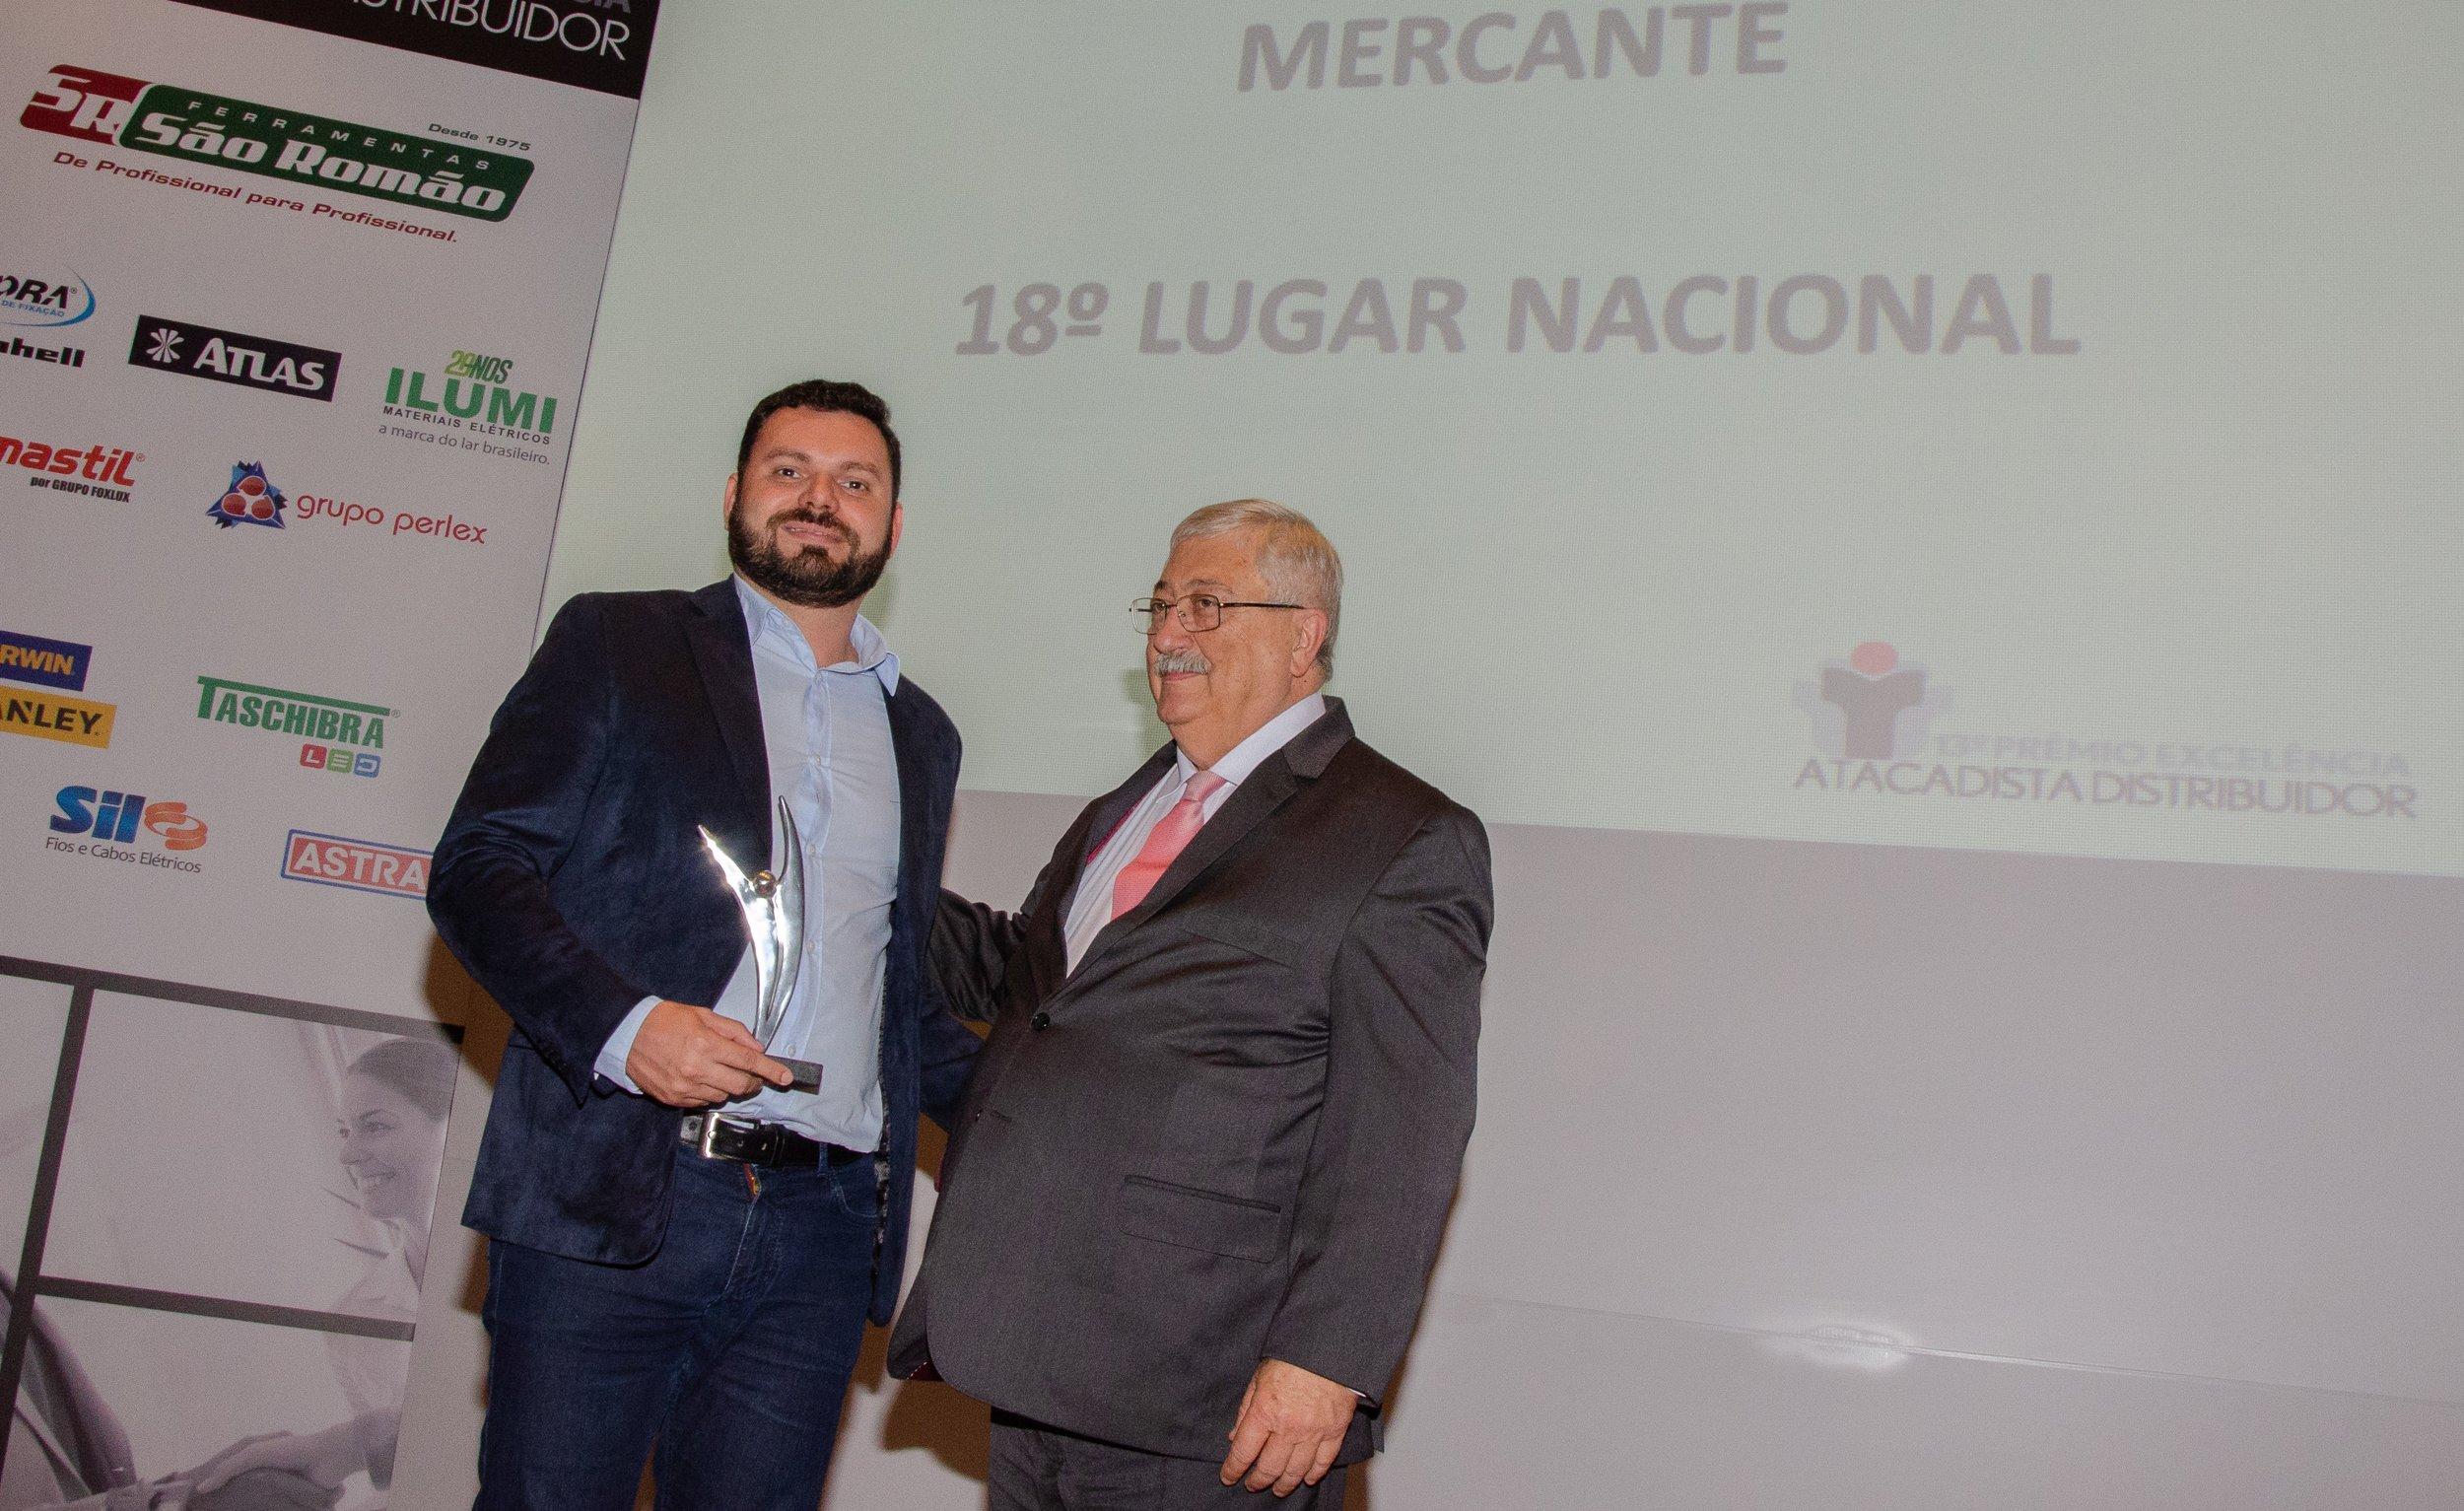 Danilo Mercante sendo premiado.jpg